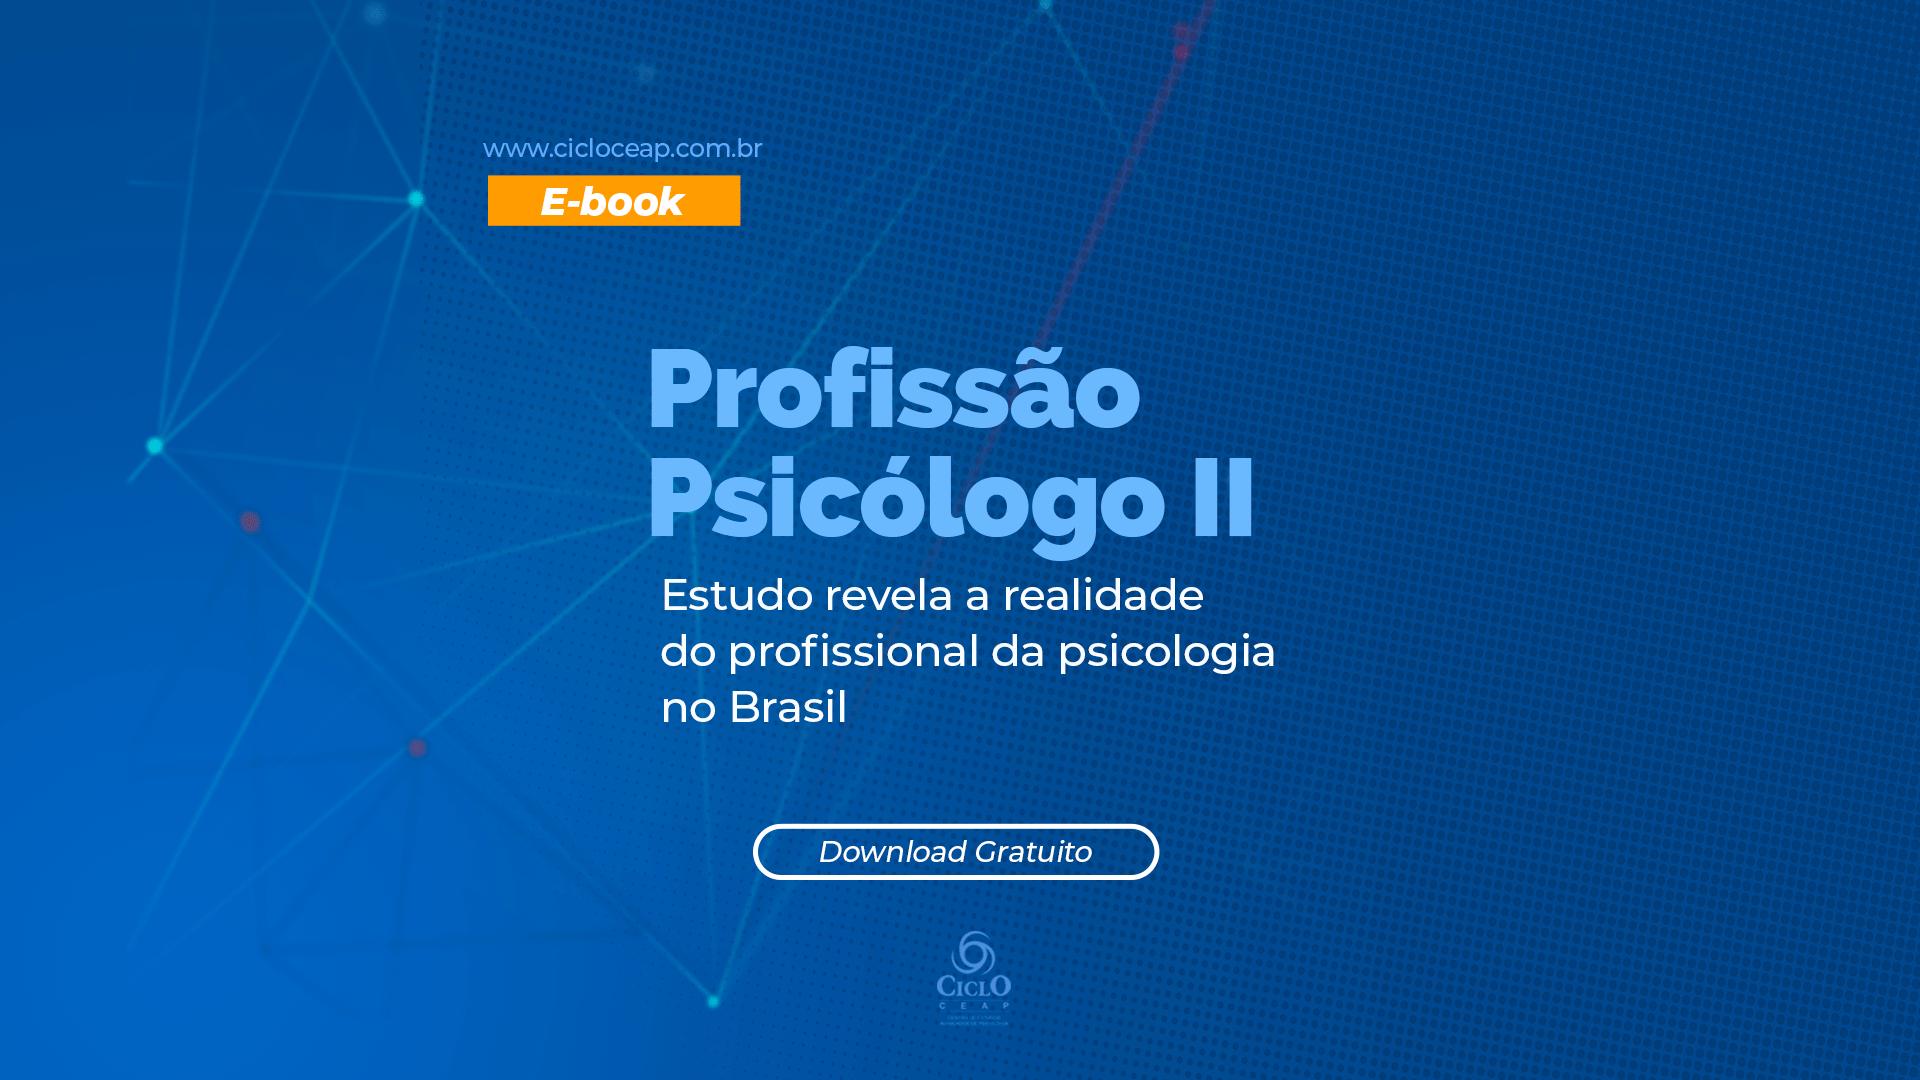 Profissão Psicólogo